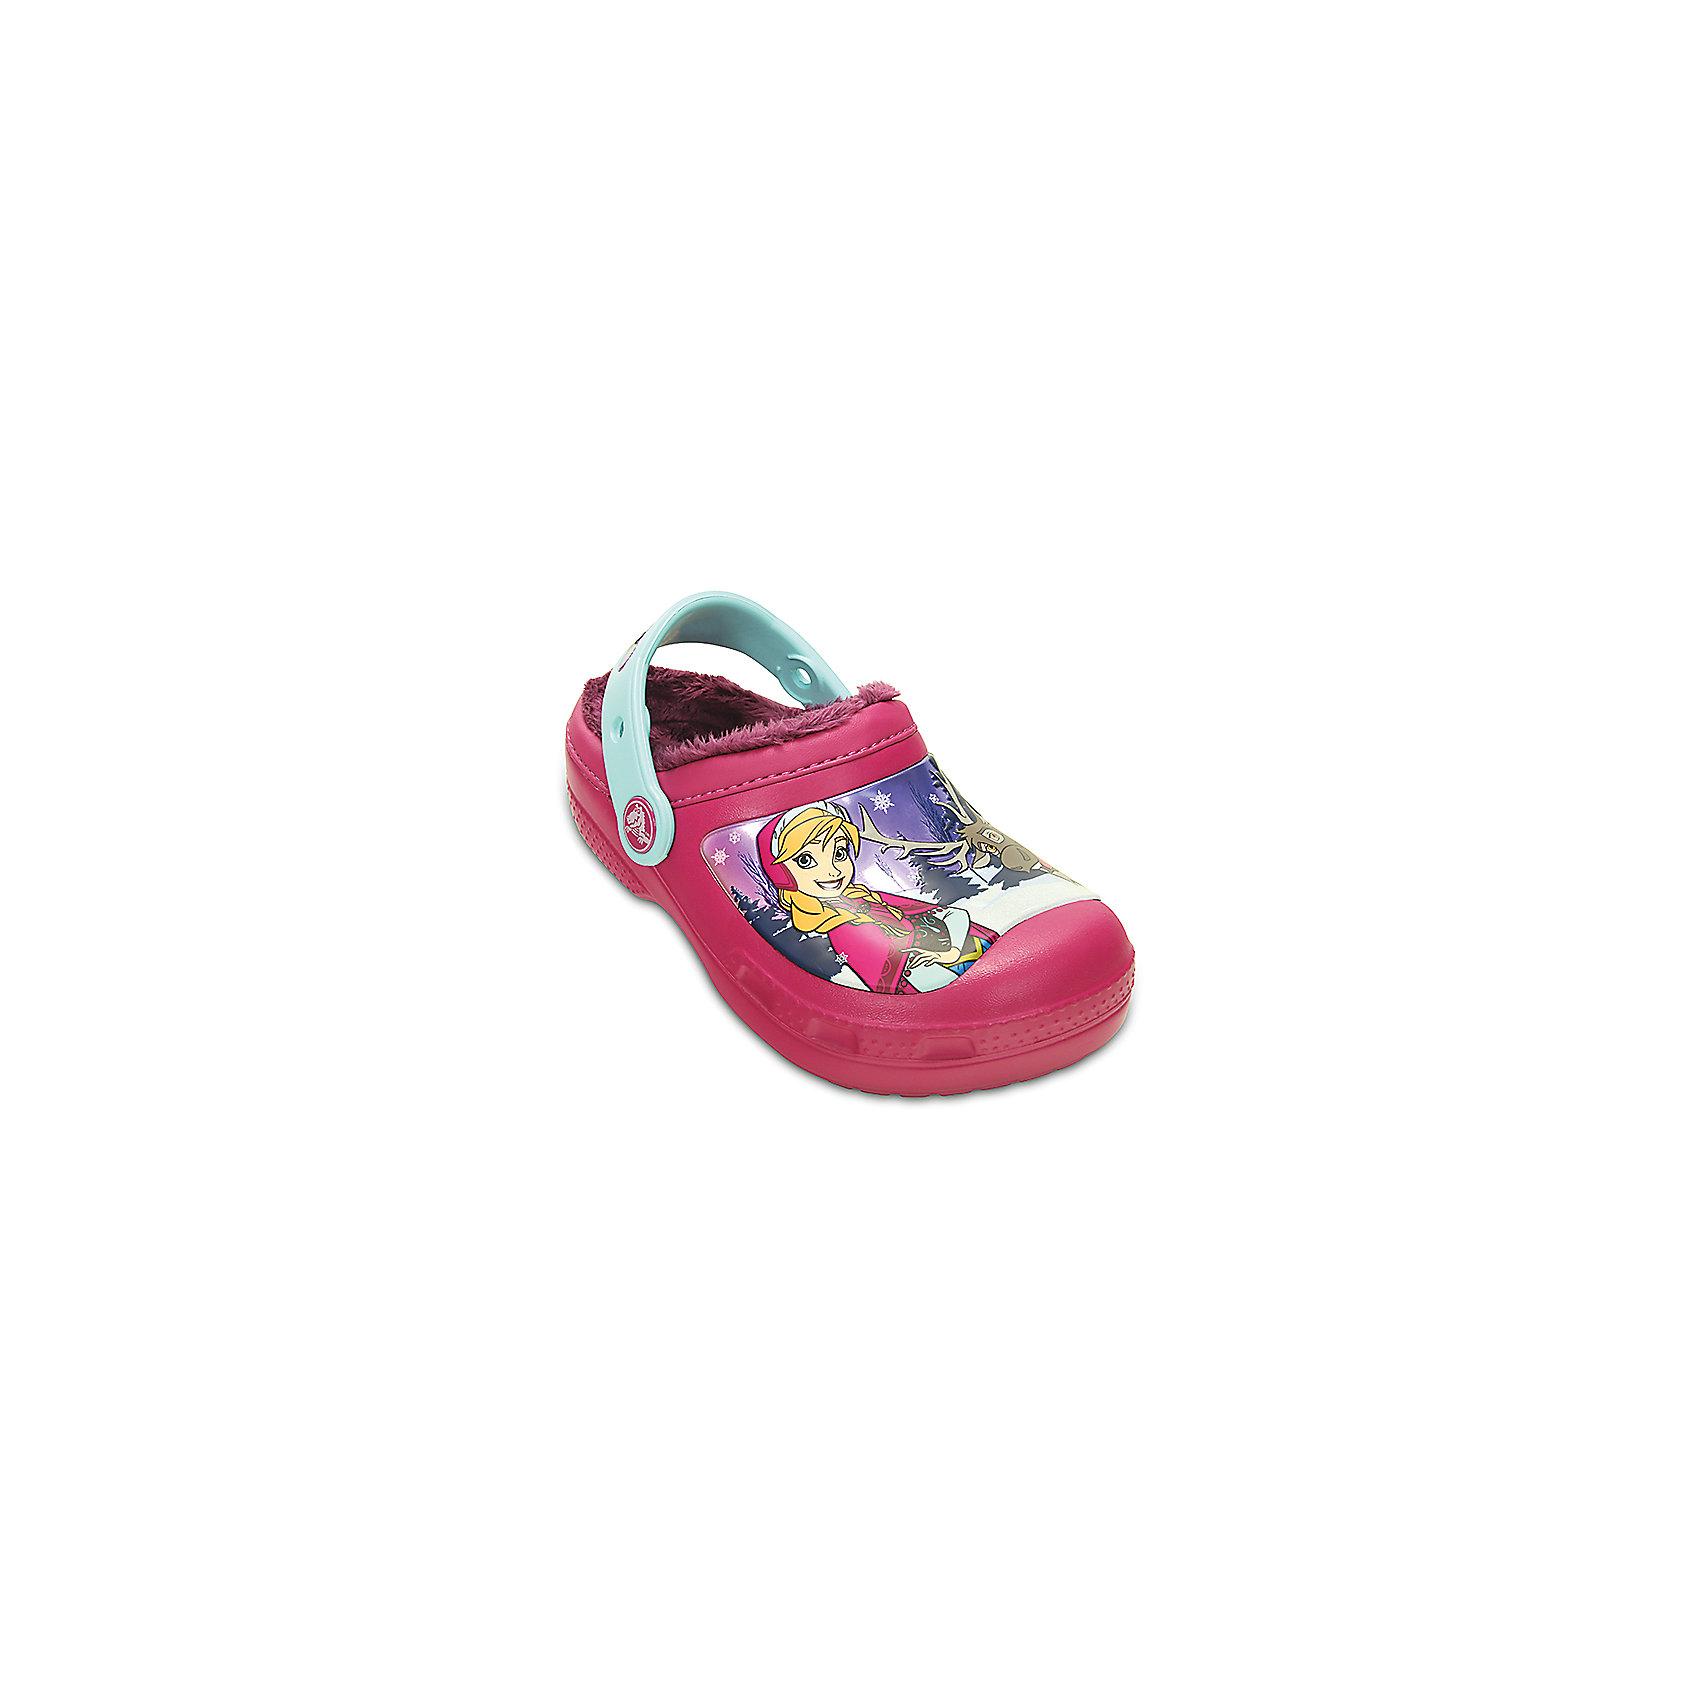 Сабо для девочки CrocsСабо от известного бренда Crocs с изображением любимых героев из мультфильма Холодное сердце.<br><br><br>Секрет фирменного комфорта<br>Crocs – уникальный инновационный материал Croslite™.<br>Croslite™ (крослайт) используется при производстве любой пары обуви<br>Crocs. Это отличительная особенность обуви Crocs, секрет ее комфорта и<br>уникальности – то, что делает каждую модель Crocs удобной, легкой,<br>яркой.<br><br>Материал Croslite™ легок в уходе: быстро сохнет и не оставляет следов. Анатомическая стелька с массажными линиями для стимуляции кровообращения. Вентиляционные отверстия для свободного доступа воздуха. При загрязнении используйте прохладную воду и мыло. Не подвергайте сабо воздействию высоких температур.<br><br>Состав: 100% полимер Croslite™<br><br>Ширина мм: 262<br>Глубина мм: 176<br>Высота мм: 97<br>Вес г: 427<br>Цвет: фиолетовый<br>Возраст от месяцев: 84<br>Возраст до месяцев: 96<br>Пол: Женский<br>Возраст: Детский<br>Размер: 31/32<br>SKU: 4492038